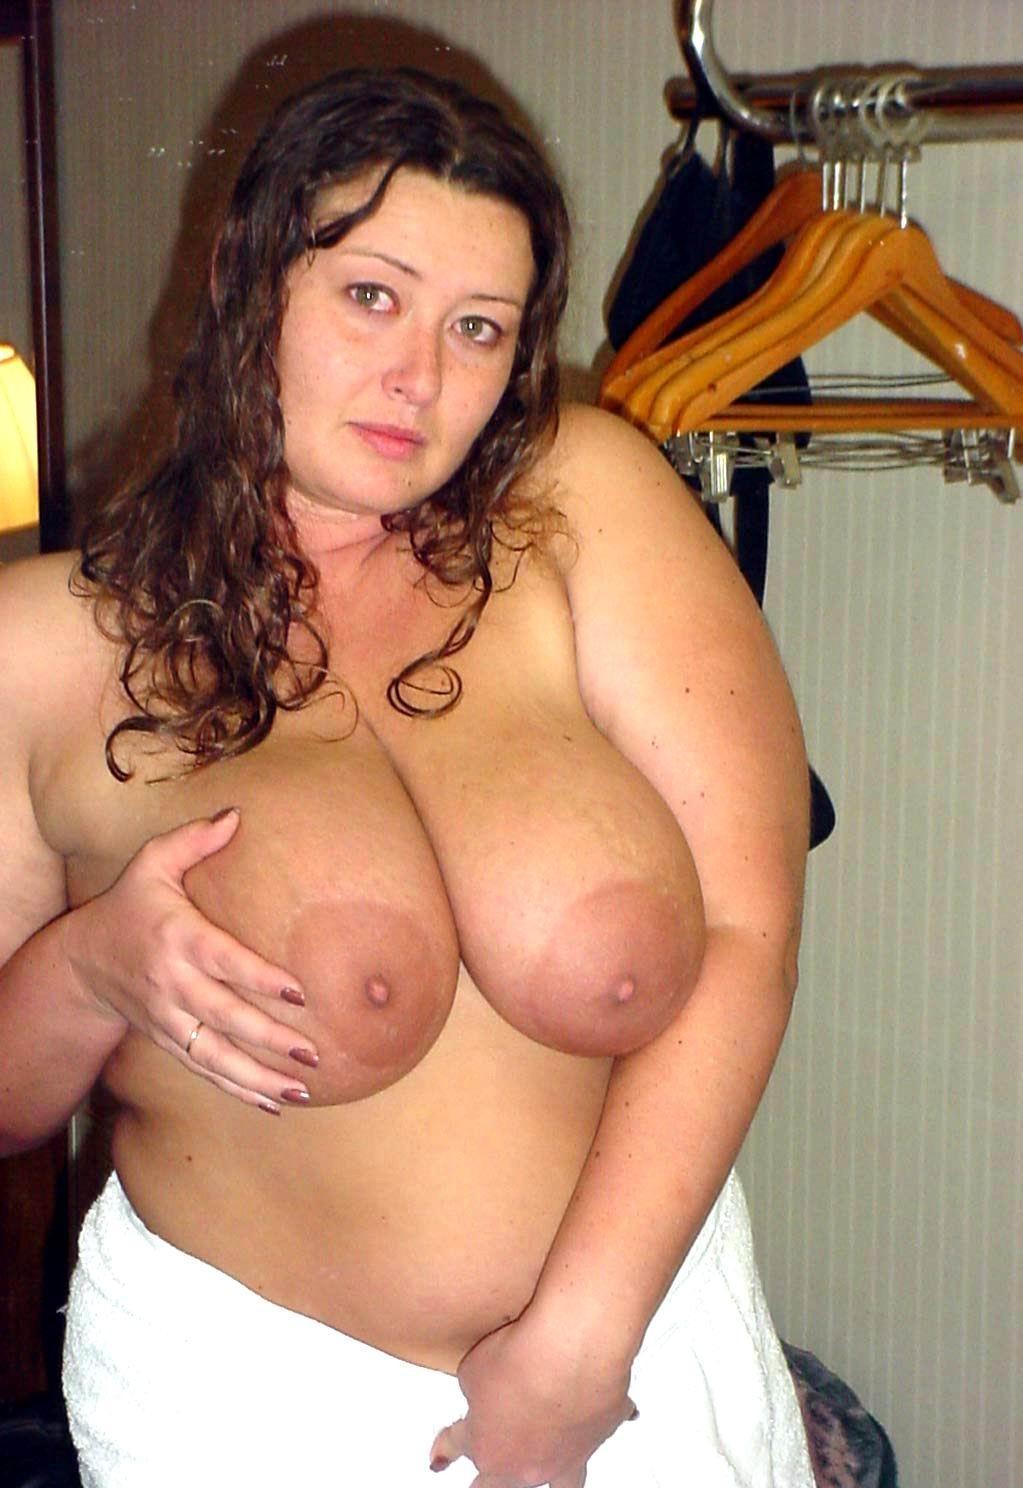 Голые крупные женщины - компиляция 5